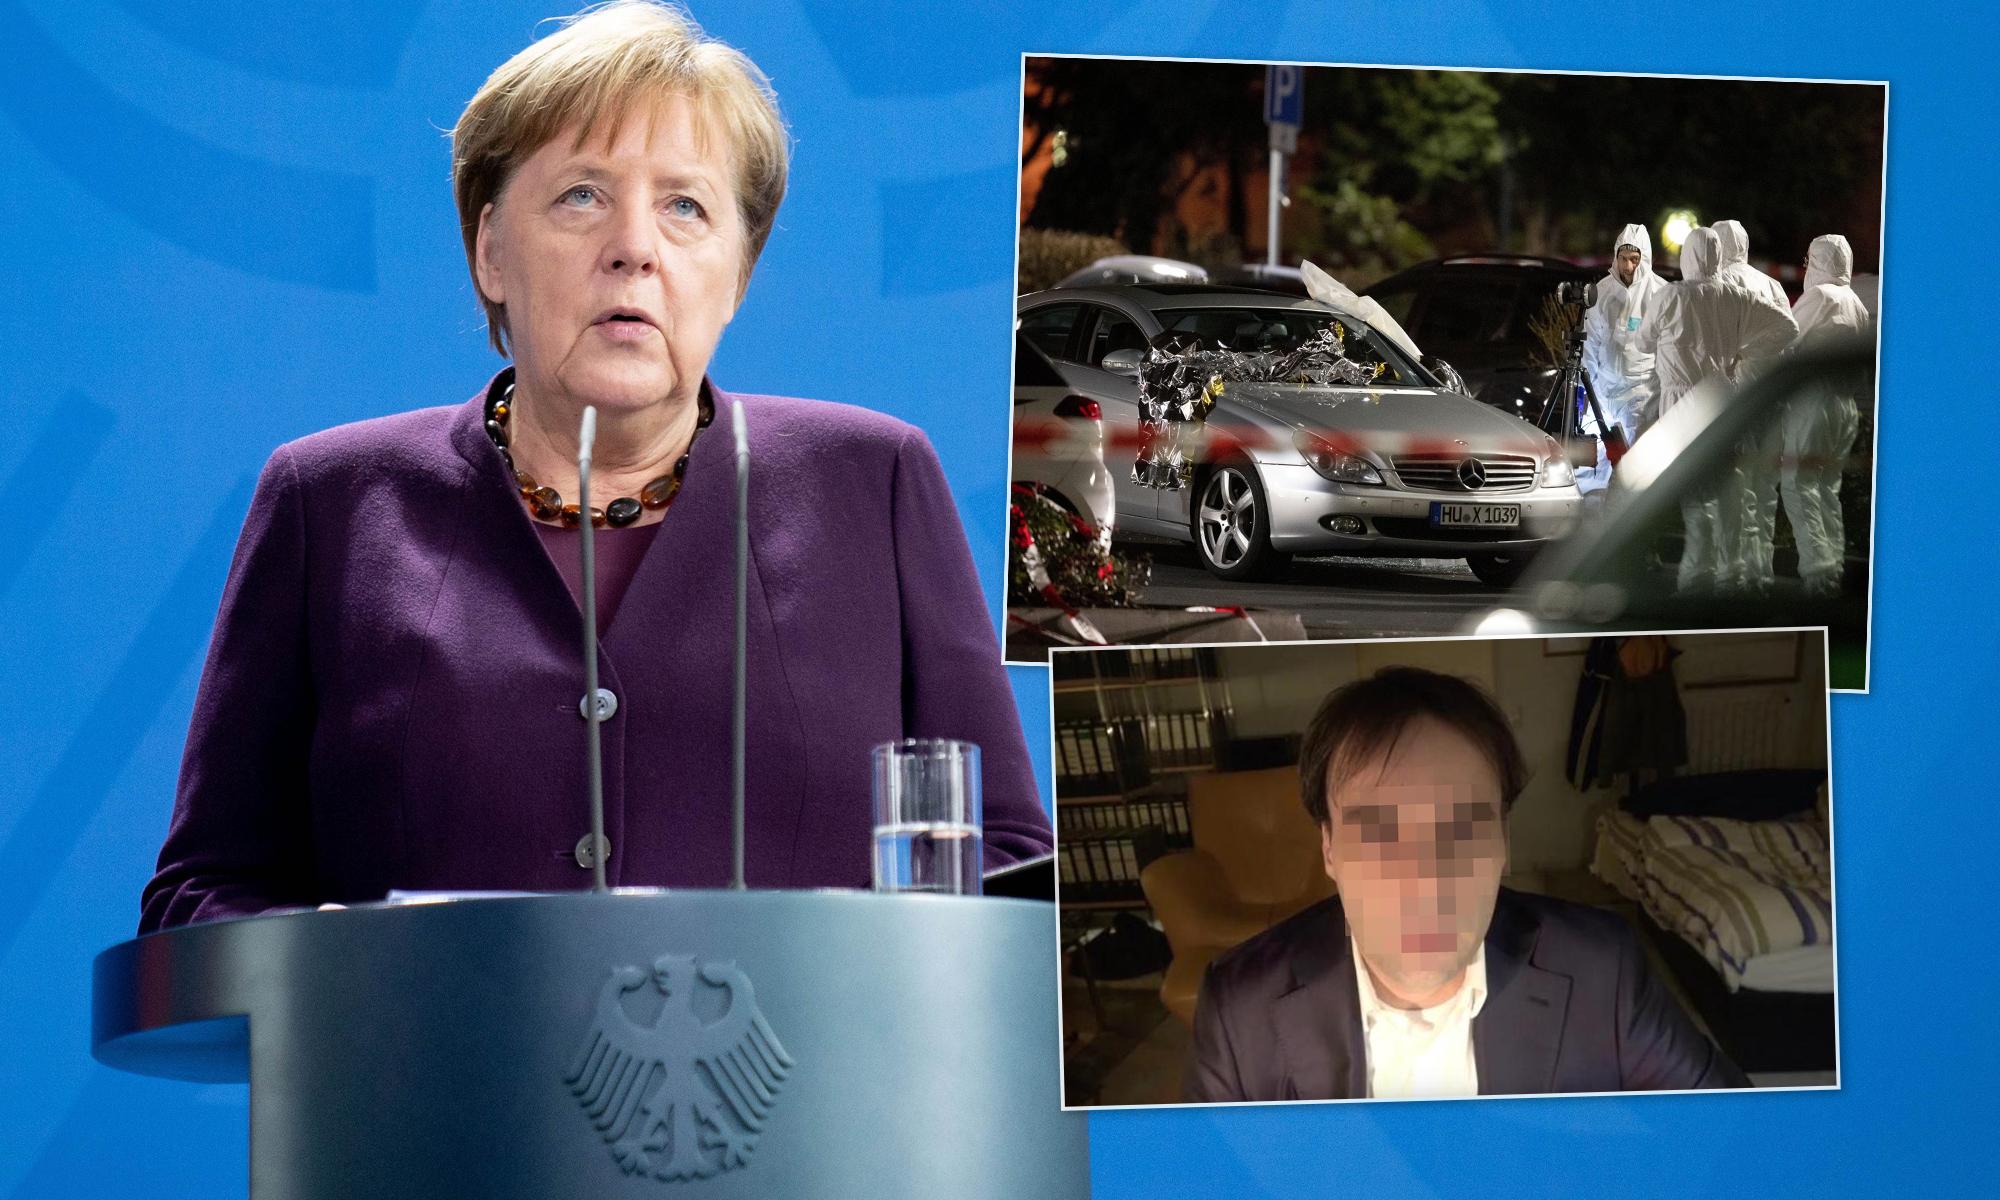 Angela Merkel (CDU), Tatort und mutmaßlicher Täter von Hanau